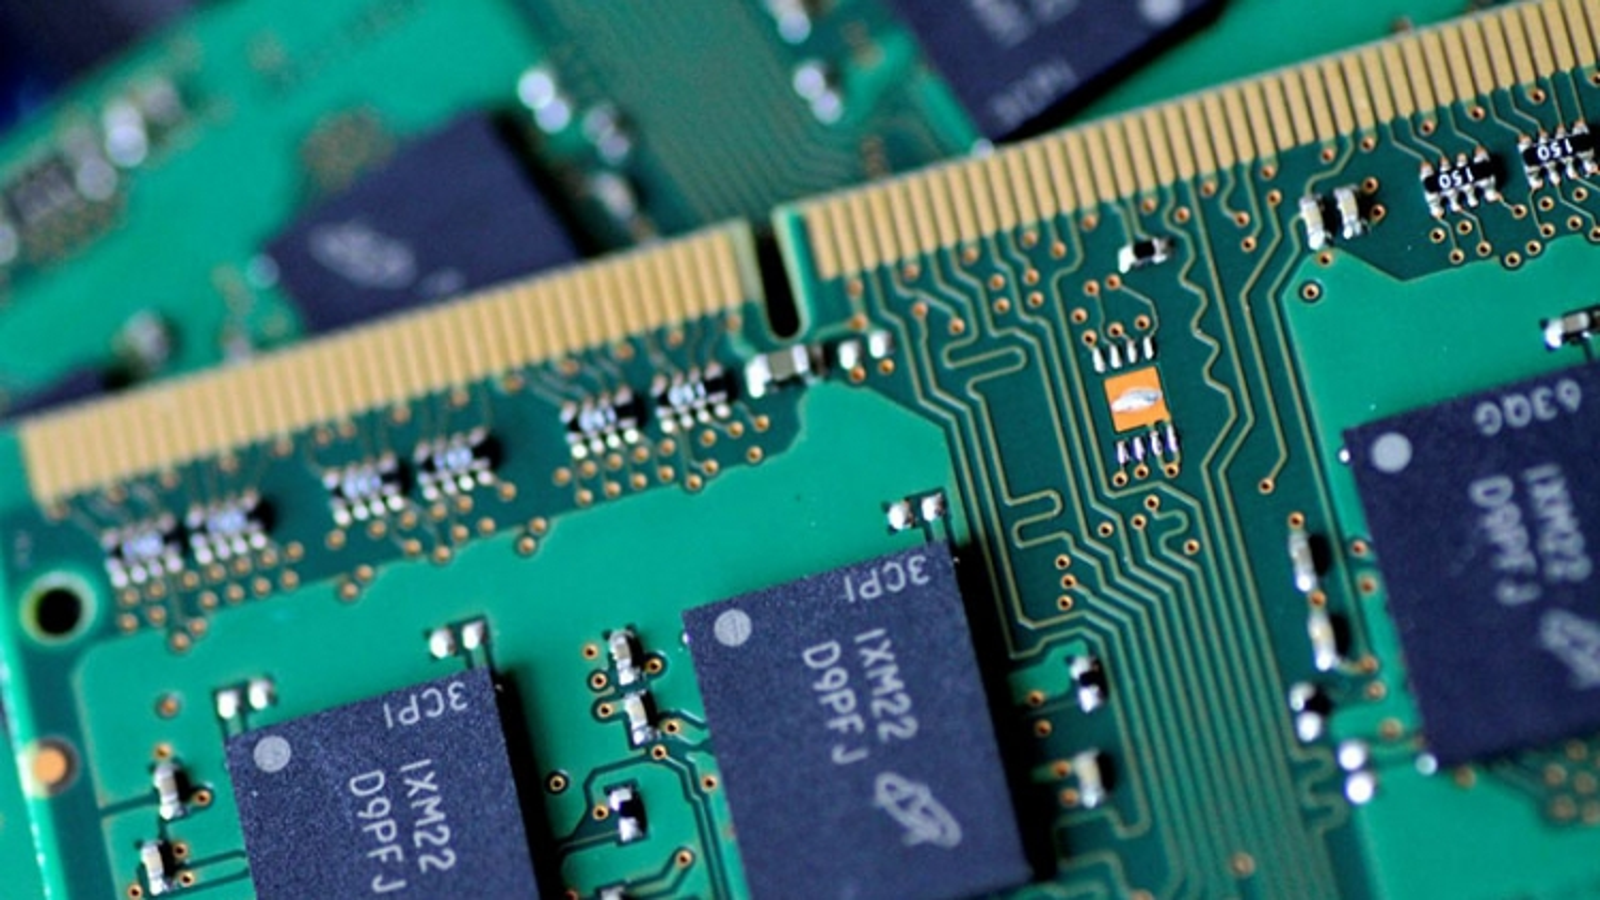 Vì sao chip toàn cầu thiếu hụt trầm trọng khiến giới công nghệ lao đao?